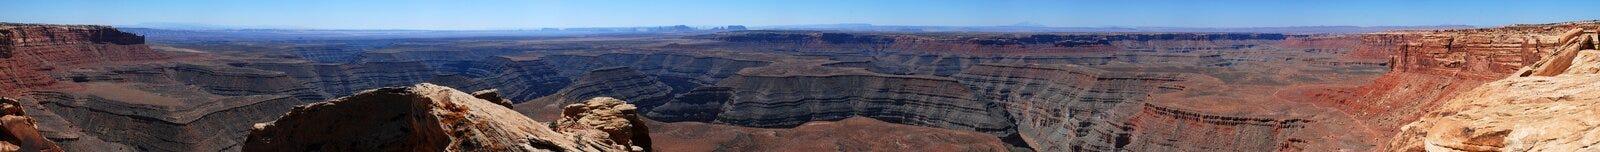 Panorama de la punta de Muley Imagenes de archivo